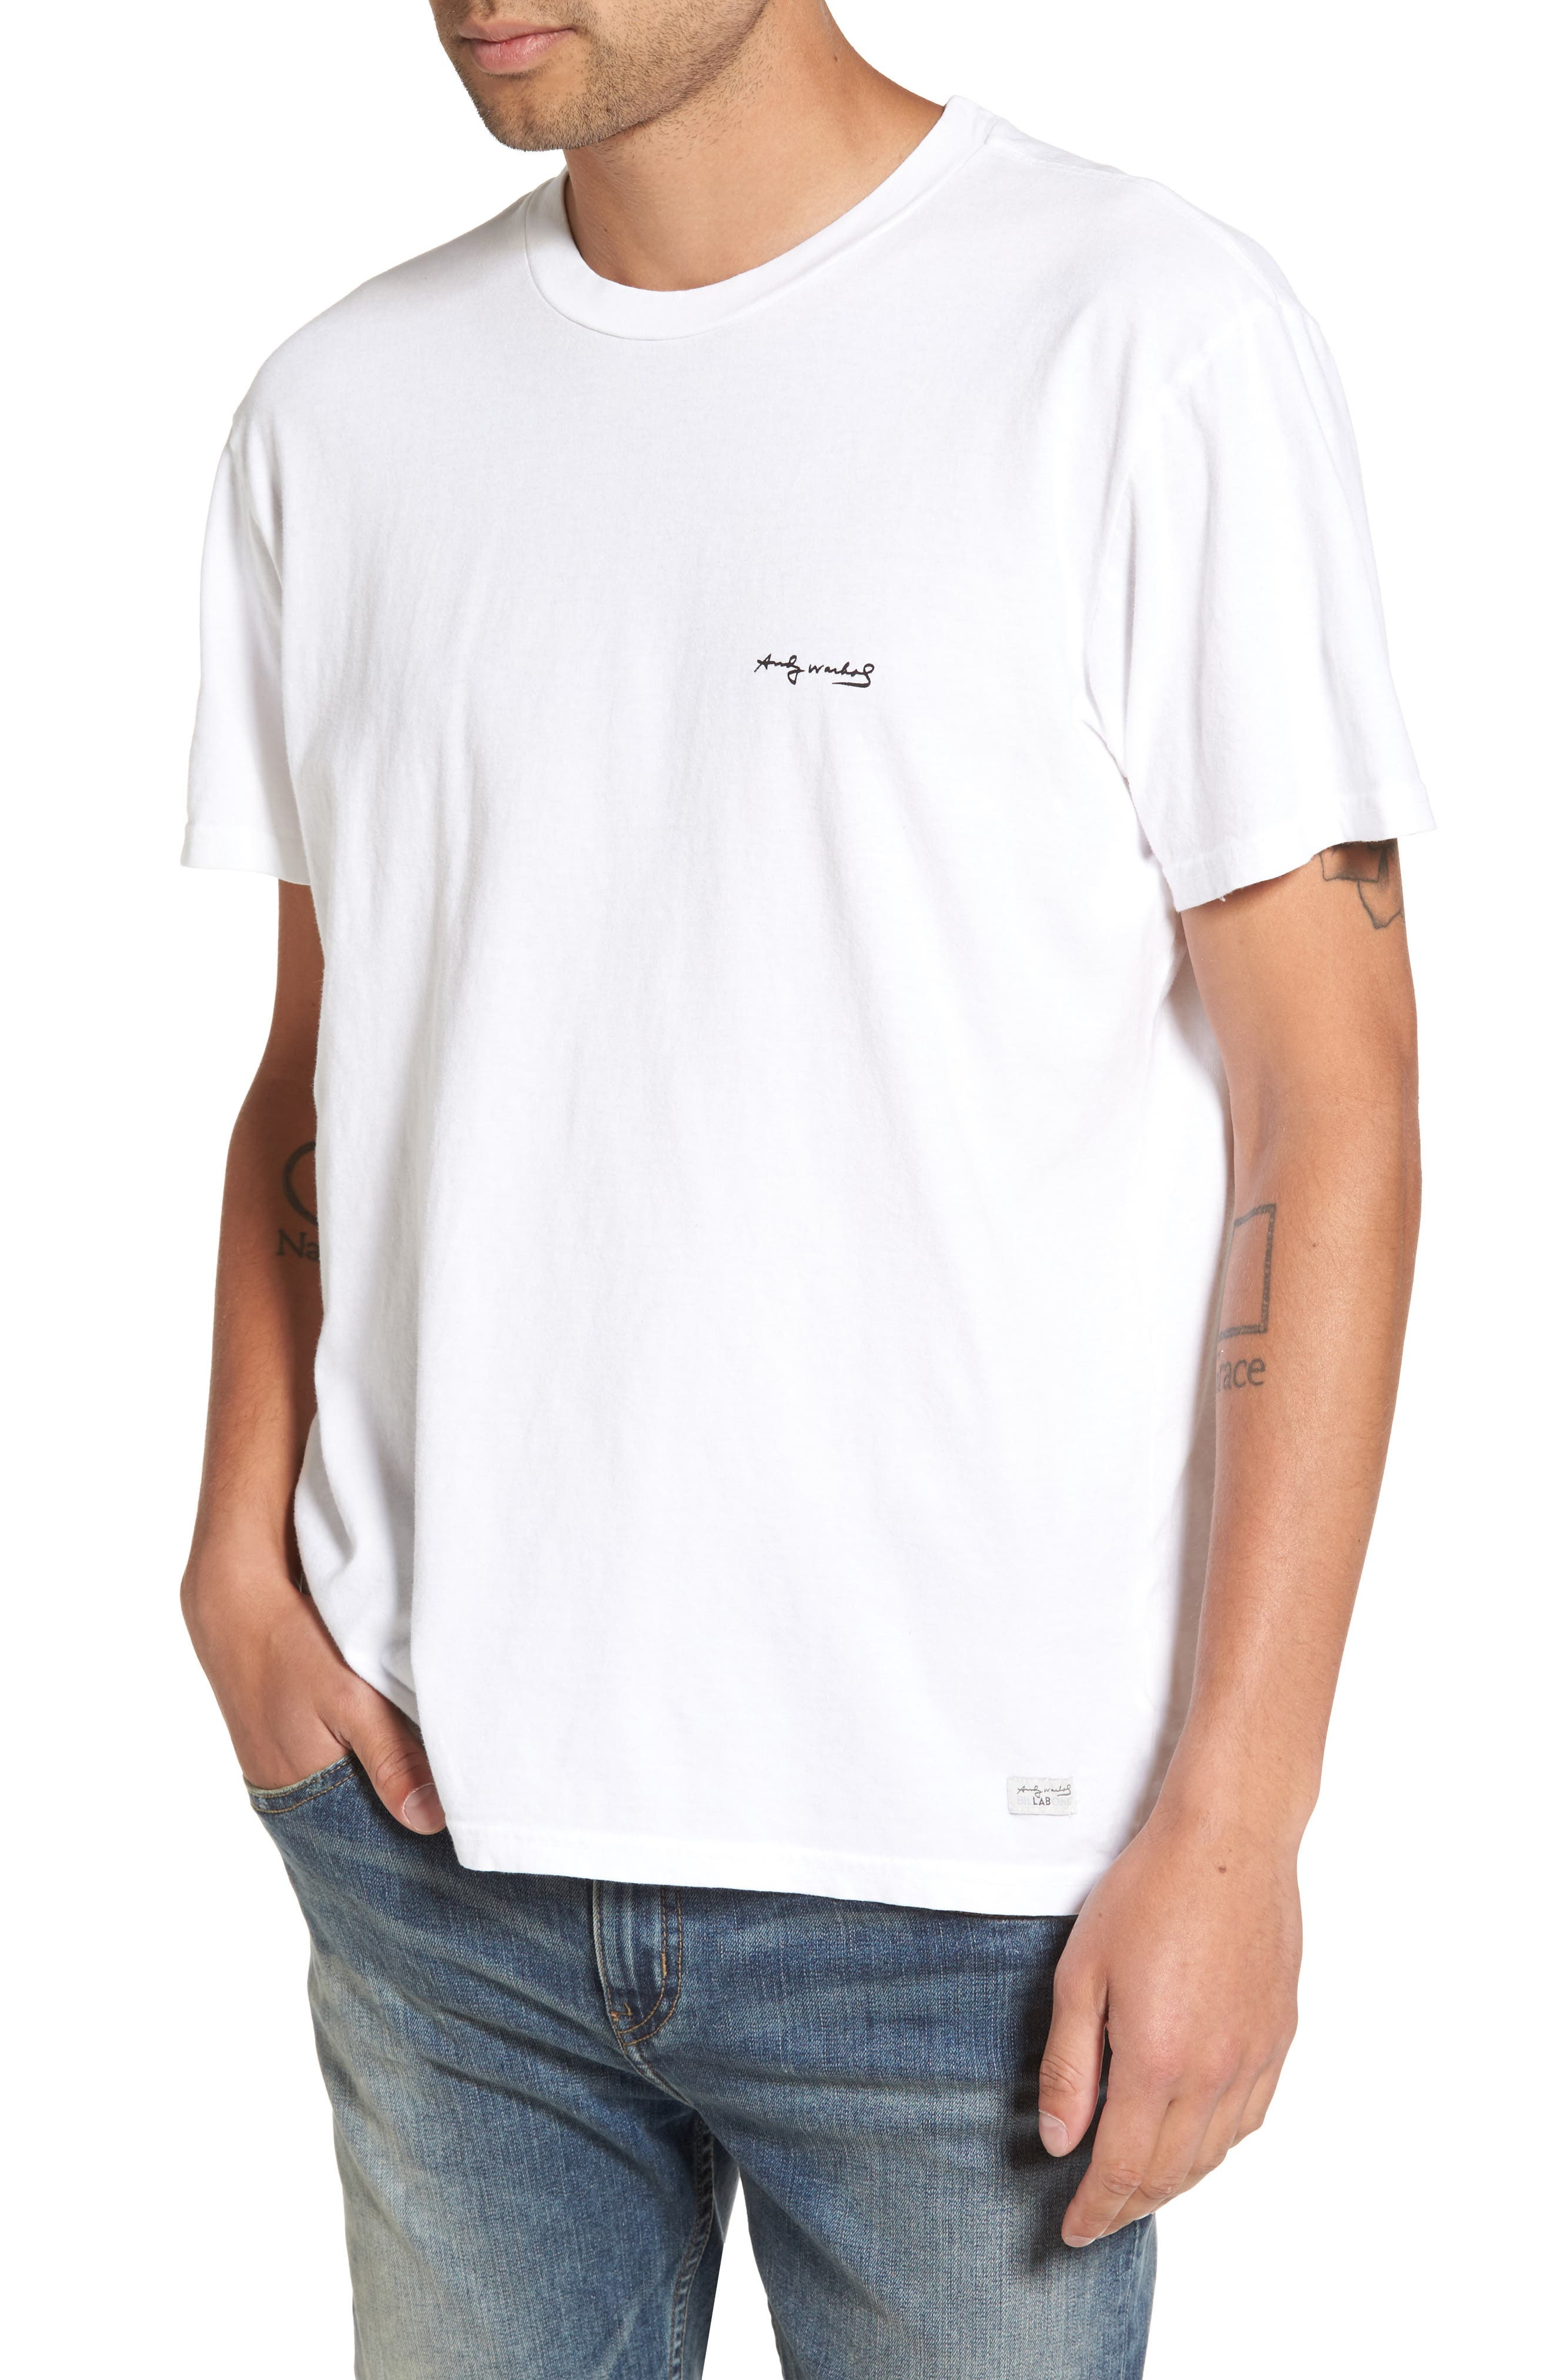 Main Image - Billabong Flowers T-Shirt